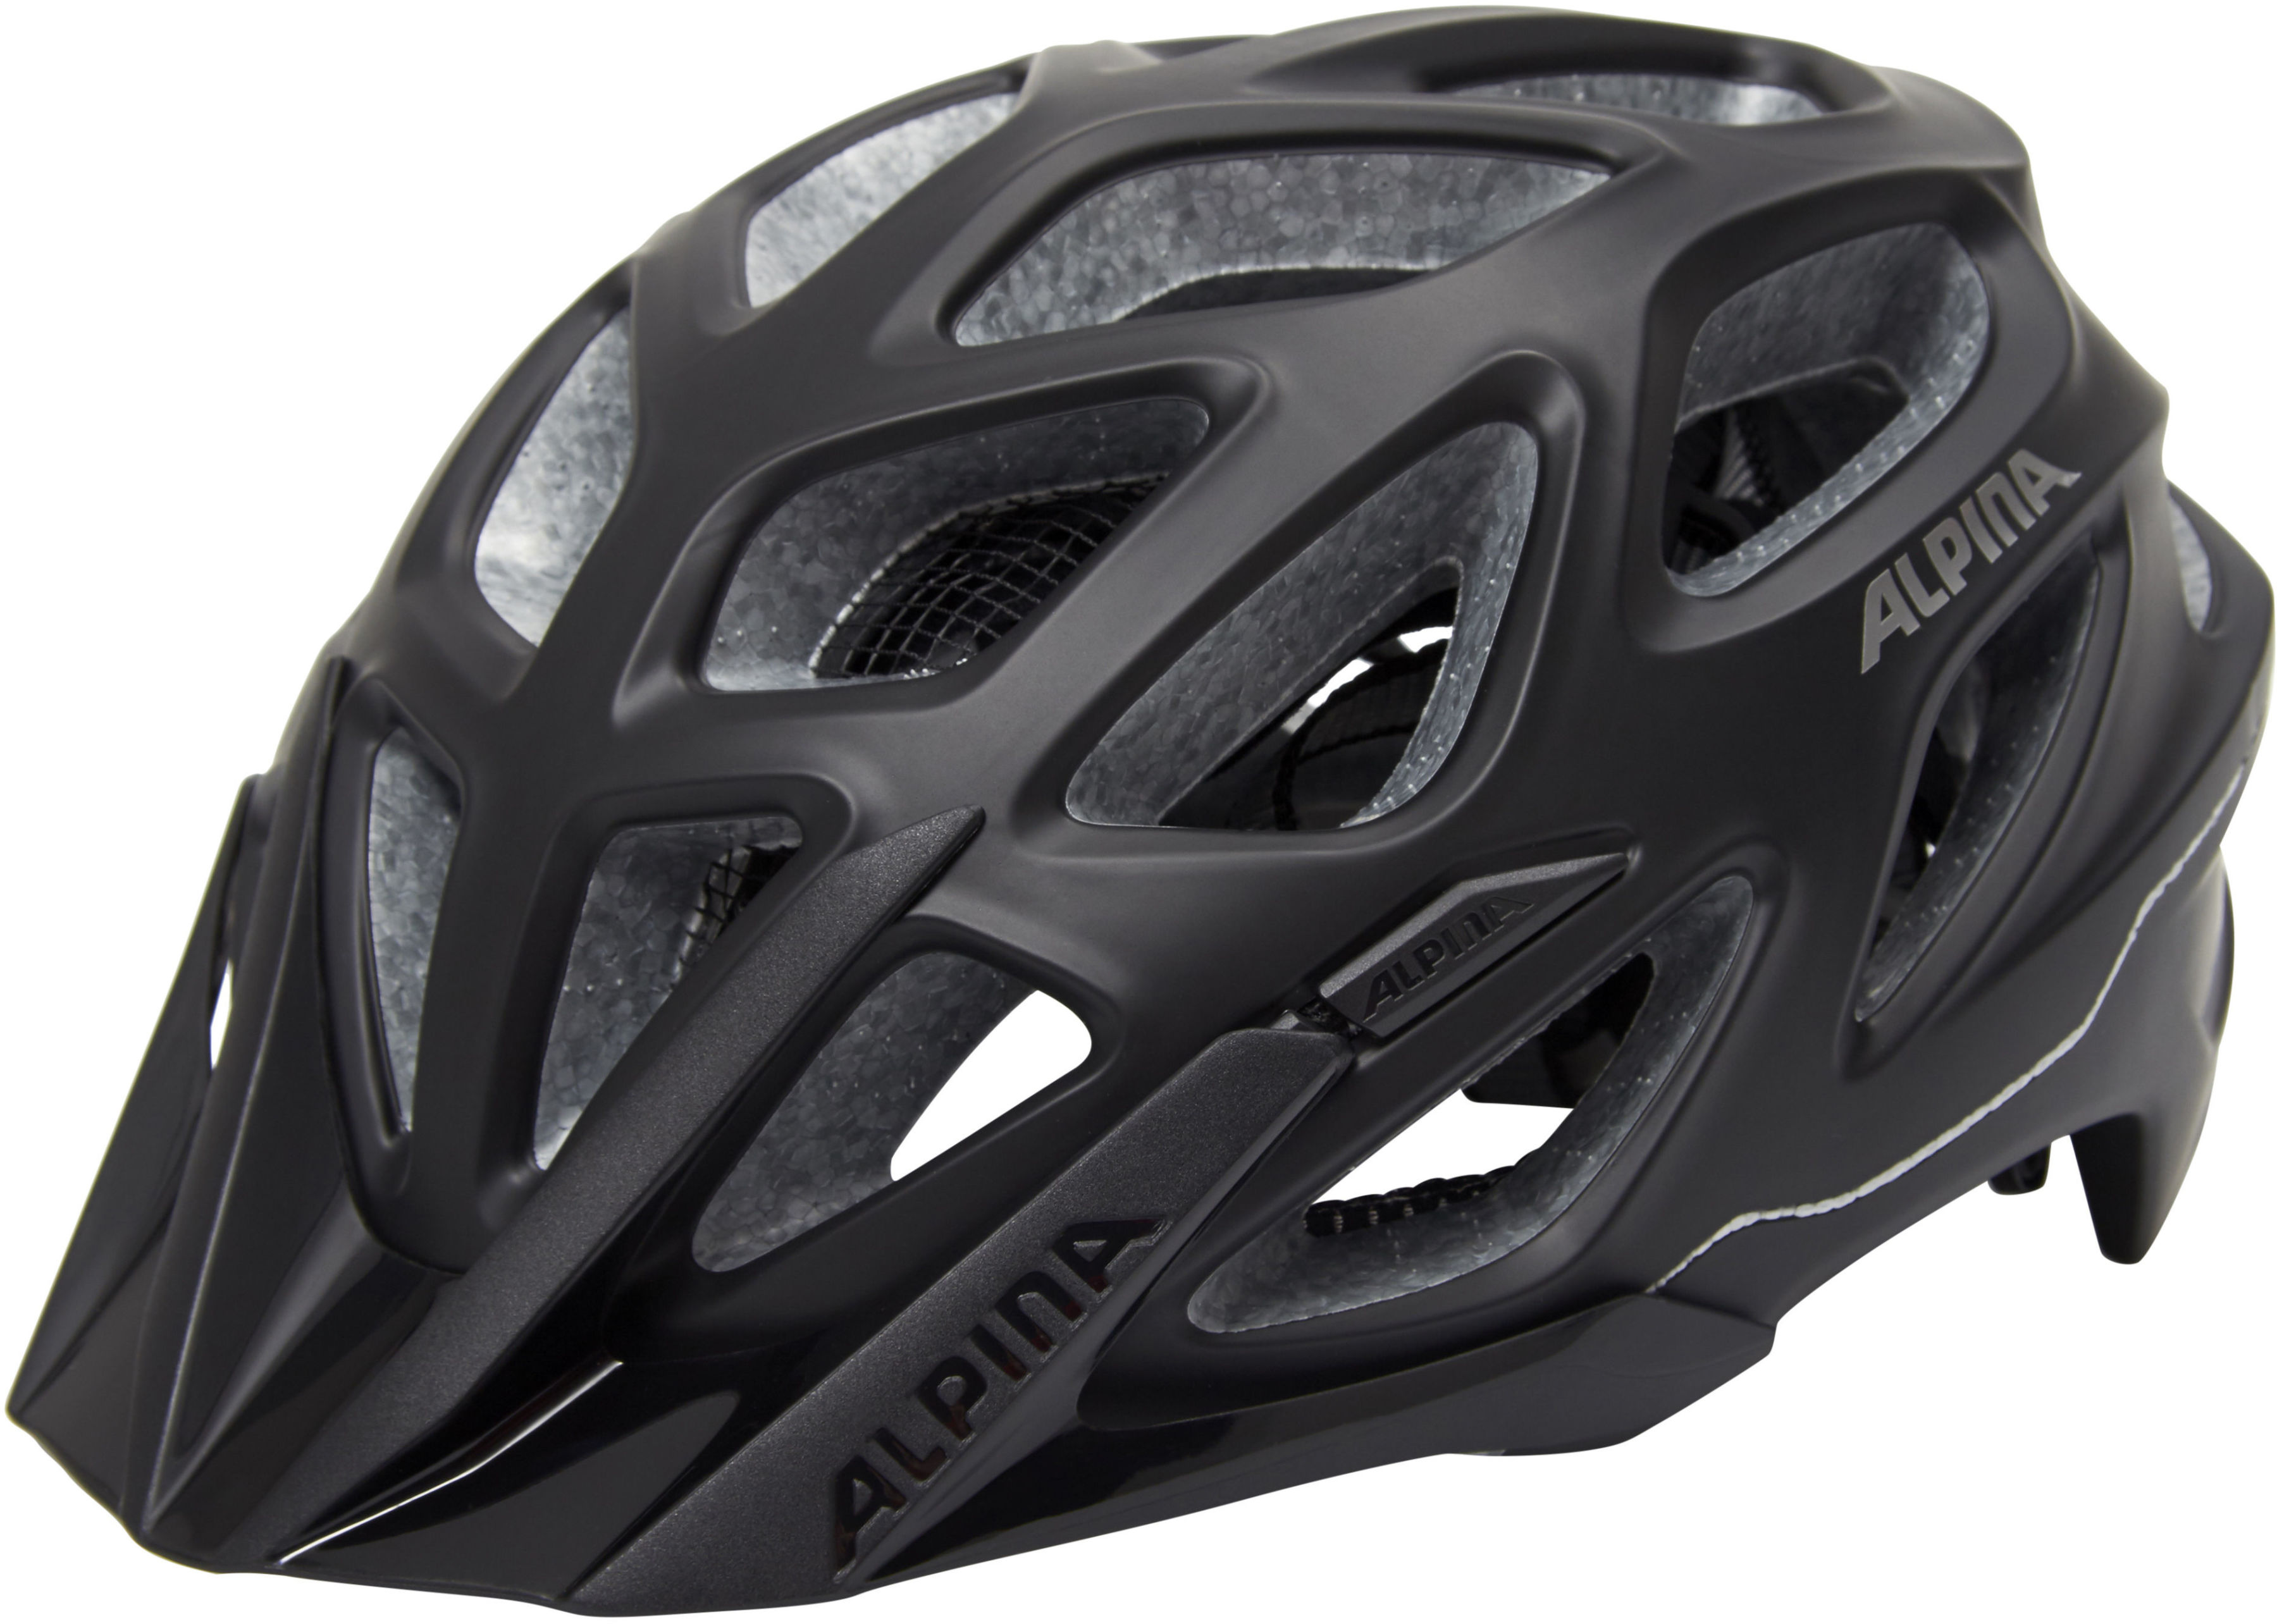 ALPINA MYTHOS 3.0 L.E kask rowerowy czarny-mat Rozmiar: 59-64,A9713334